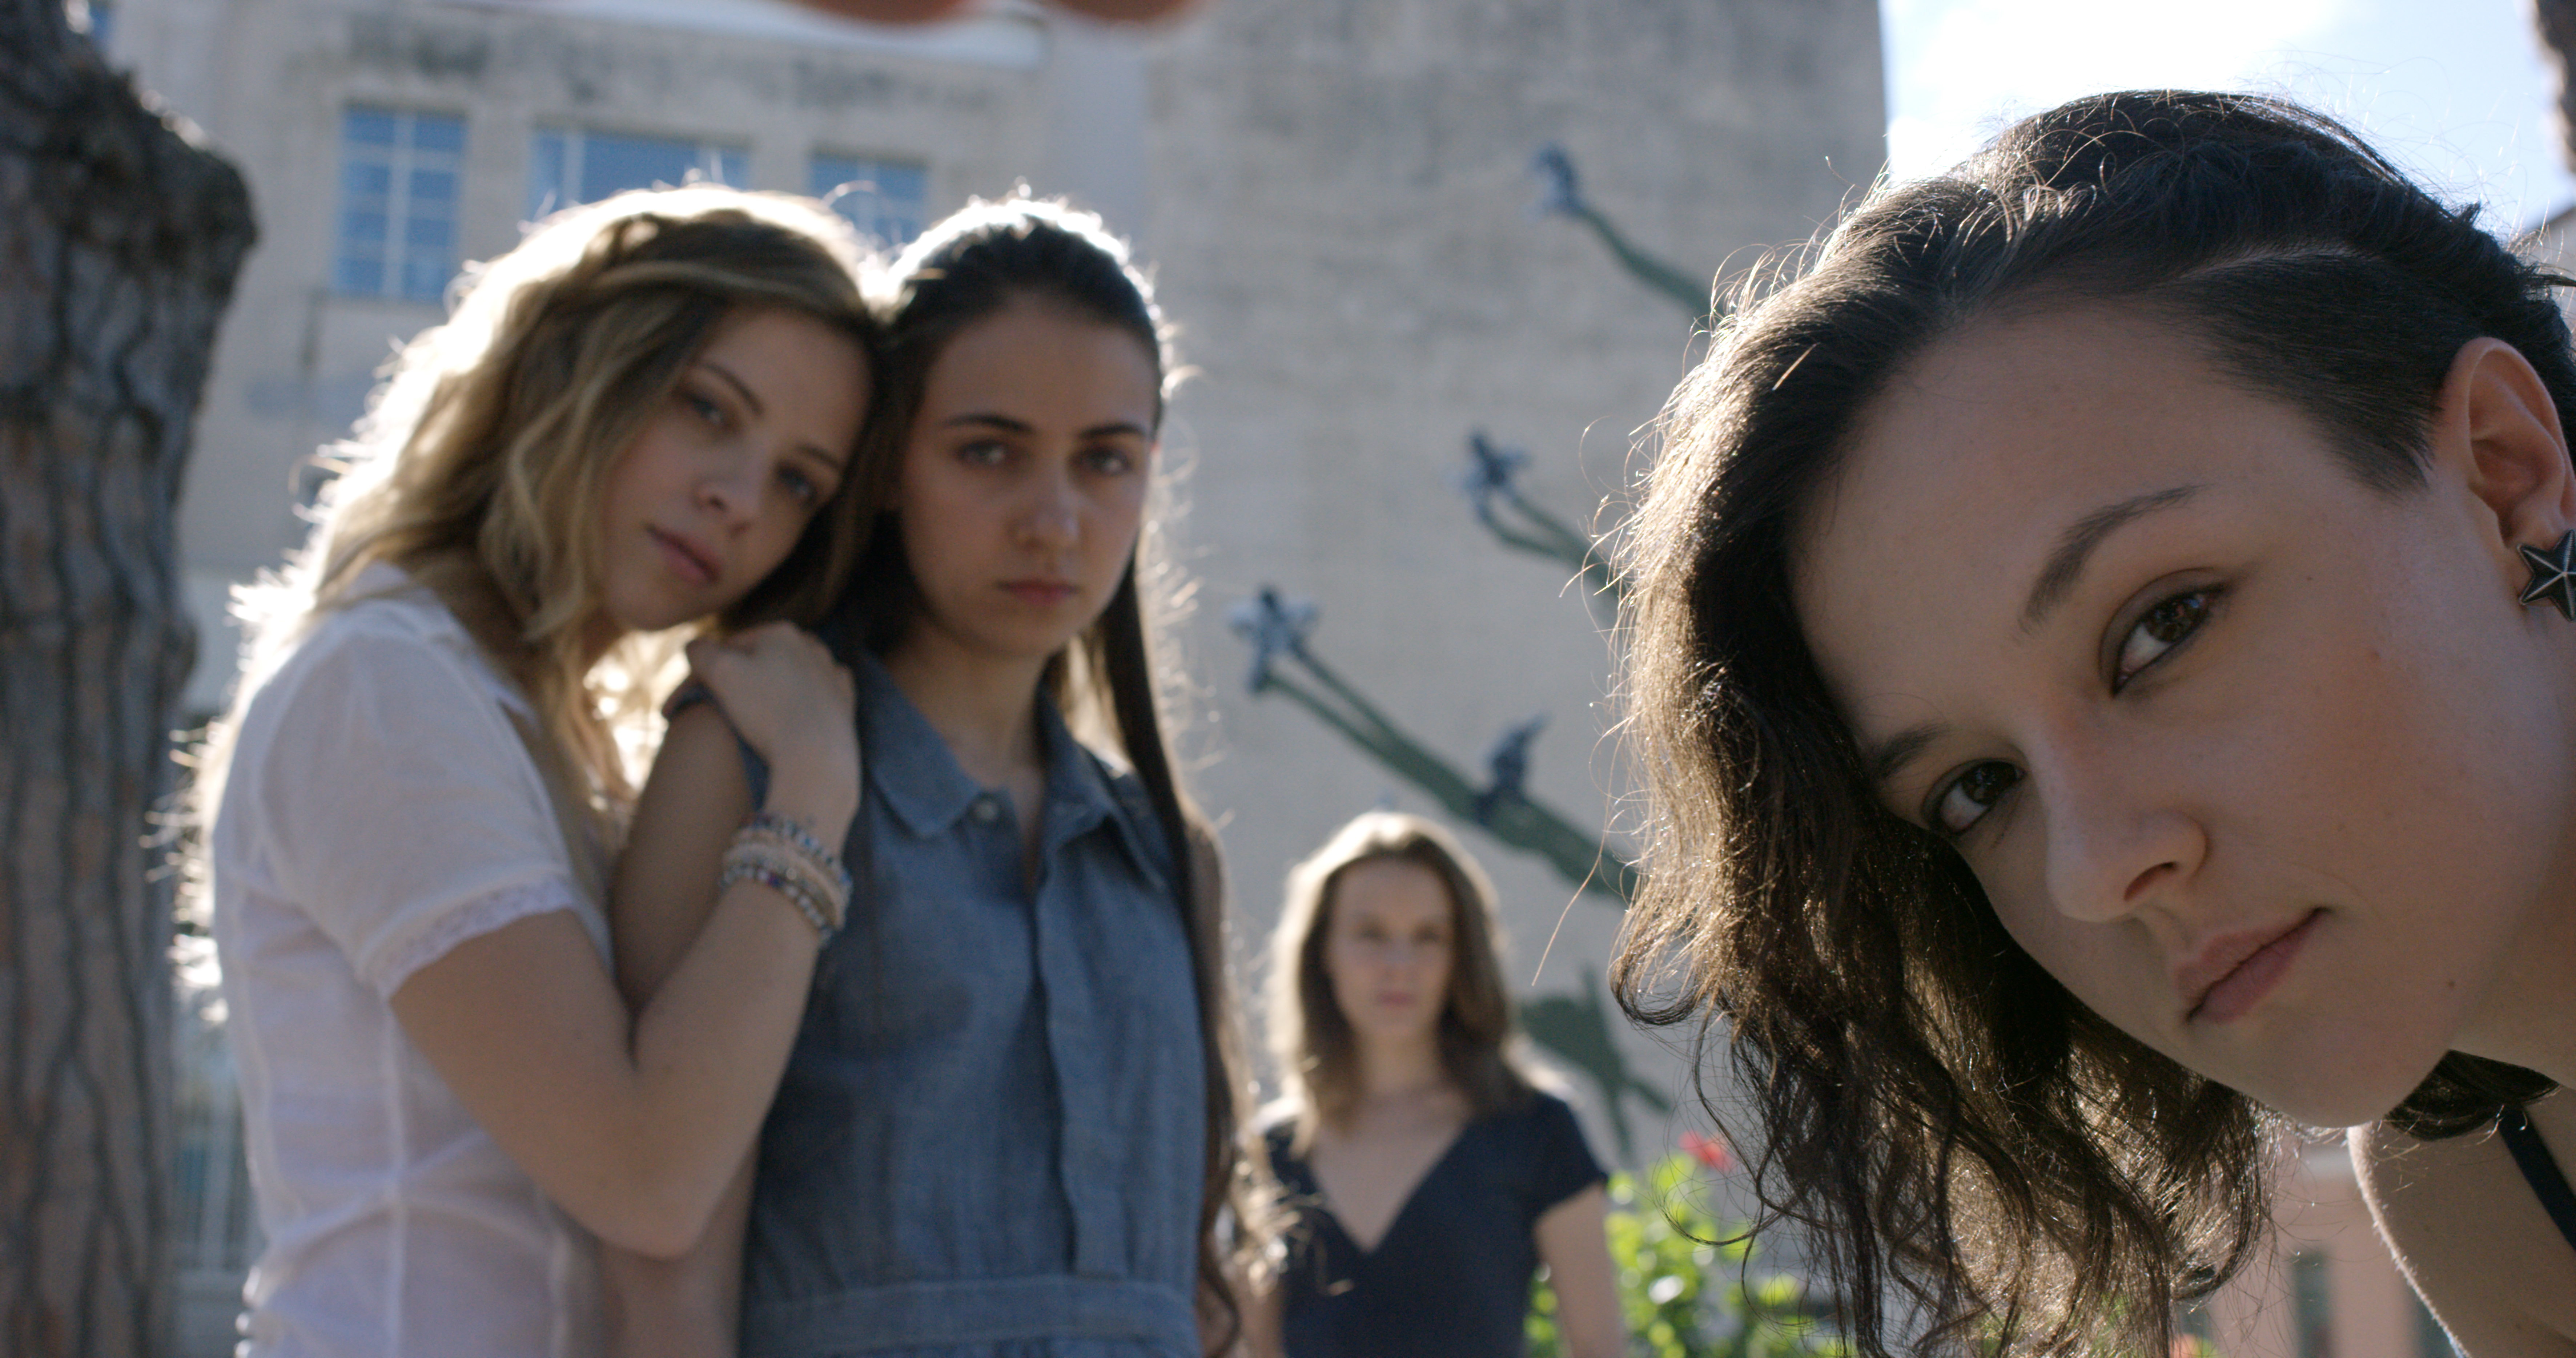 Mostra di Venezia, presentato il film del regista ascolano Giuseppe Piccioni